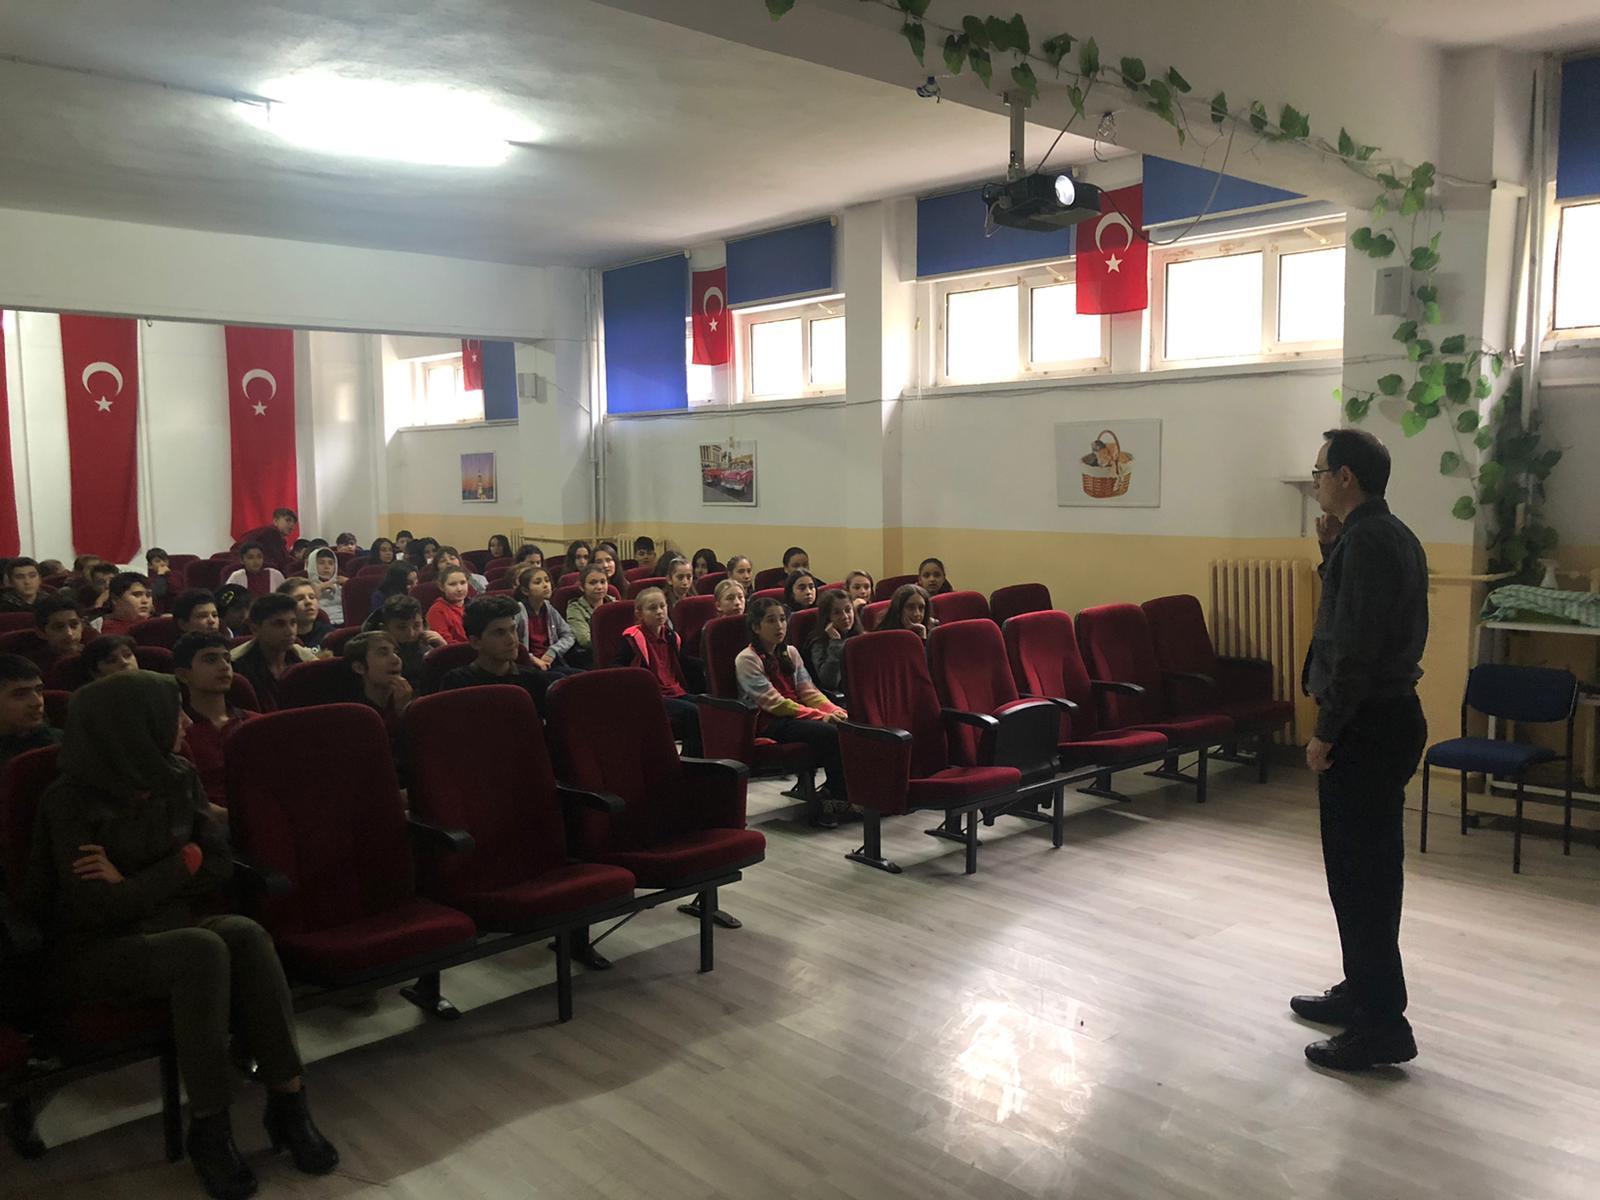 Gürgenpınarı Ortaokulu'nda Sıfır Atık Konulu Eğitim Verildi